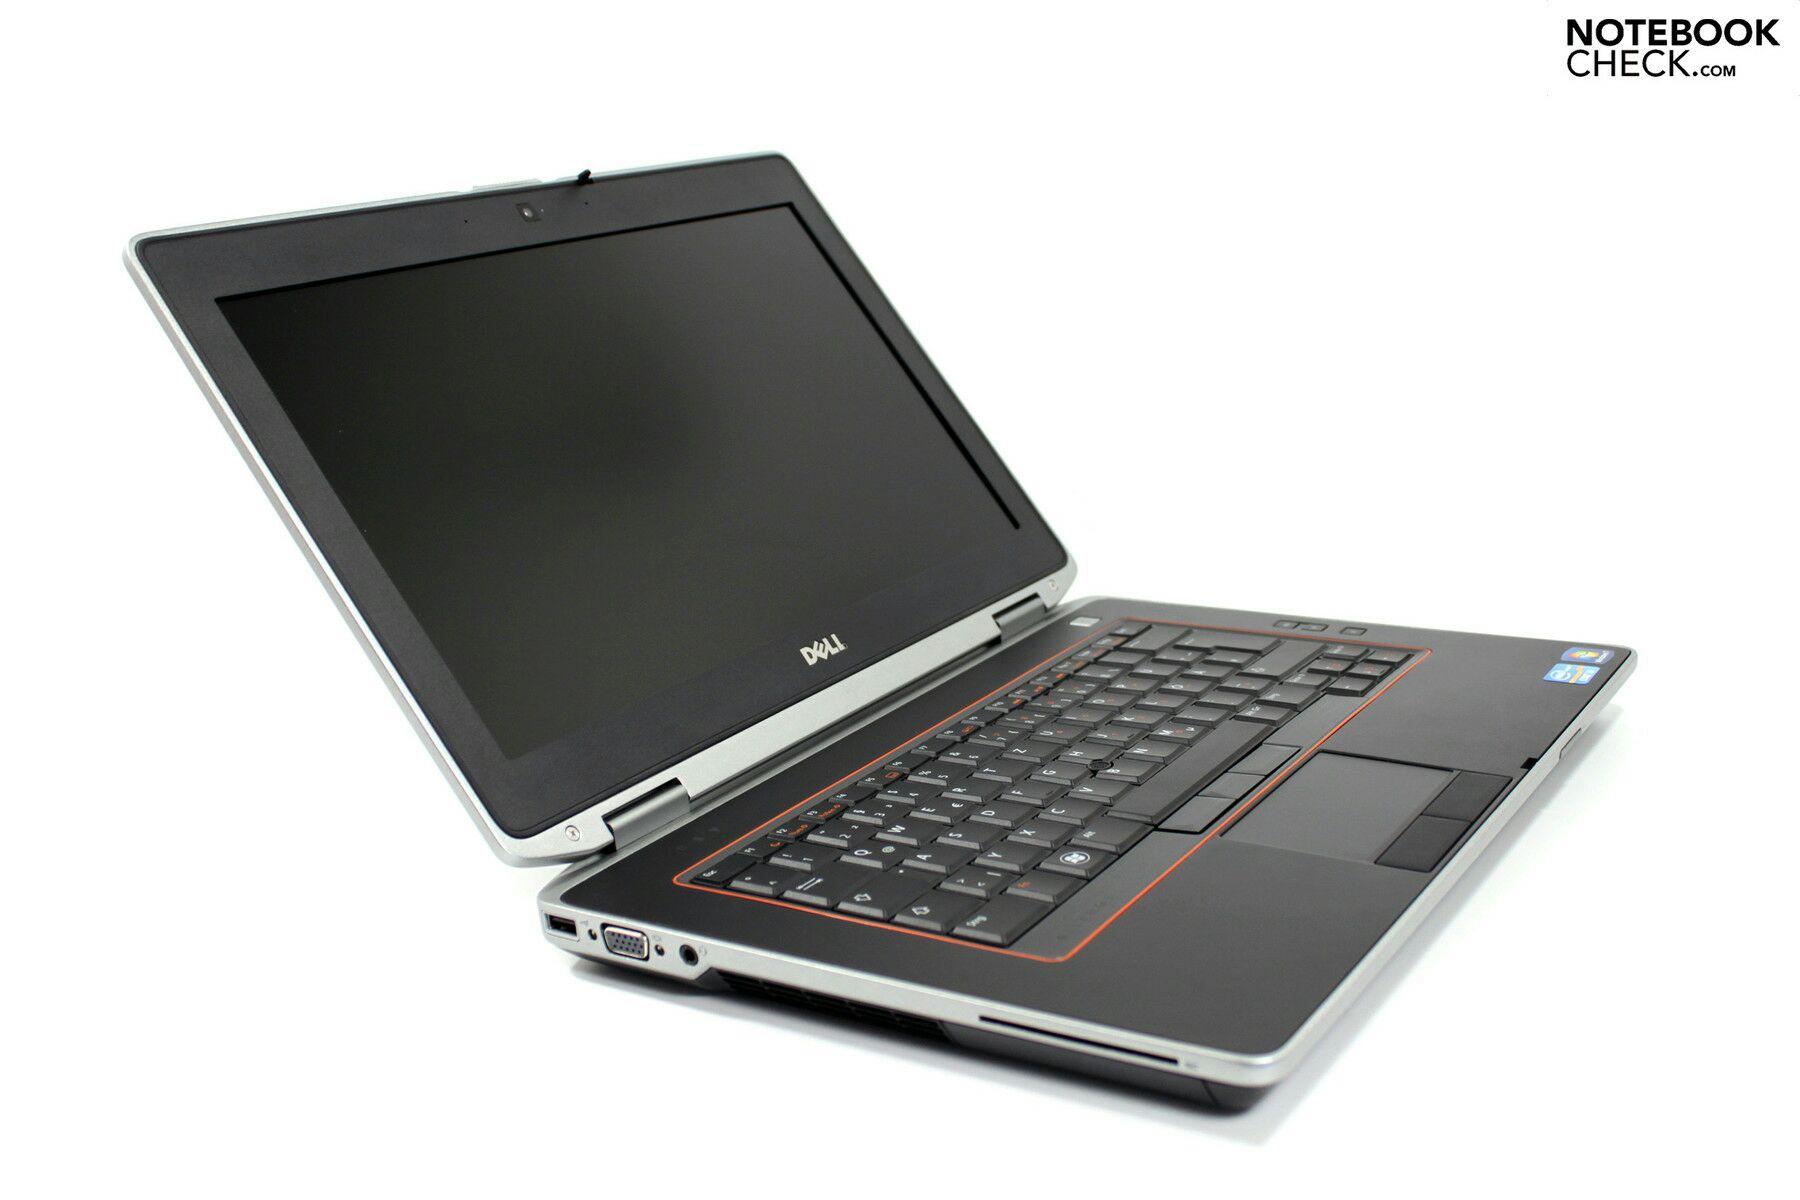 Dell Latitude E6420 Core i5, 8GB, 256GB SSD, DVD-Brenner, 1600x900 HD+, B-Ware [eBay.de]